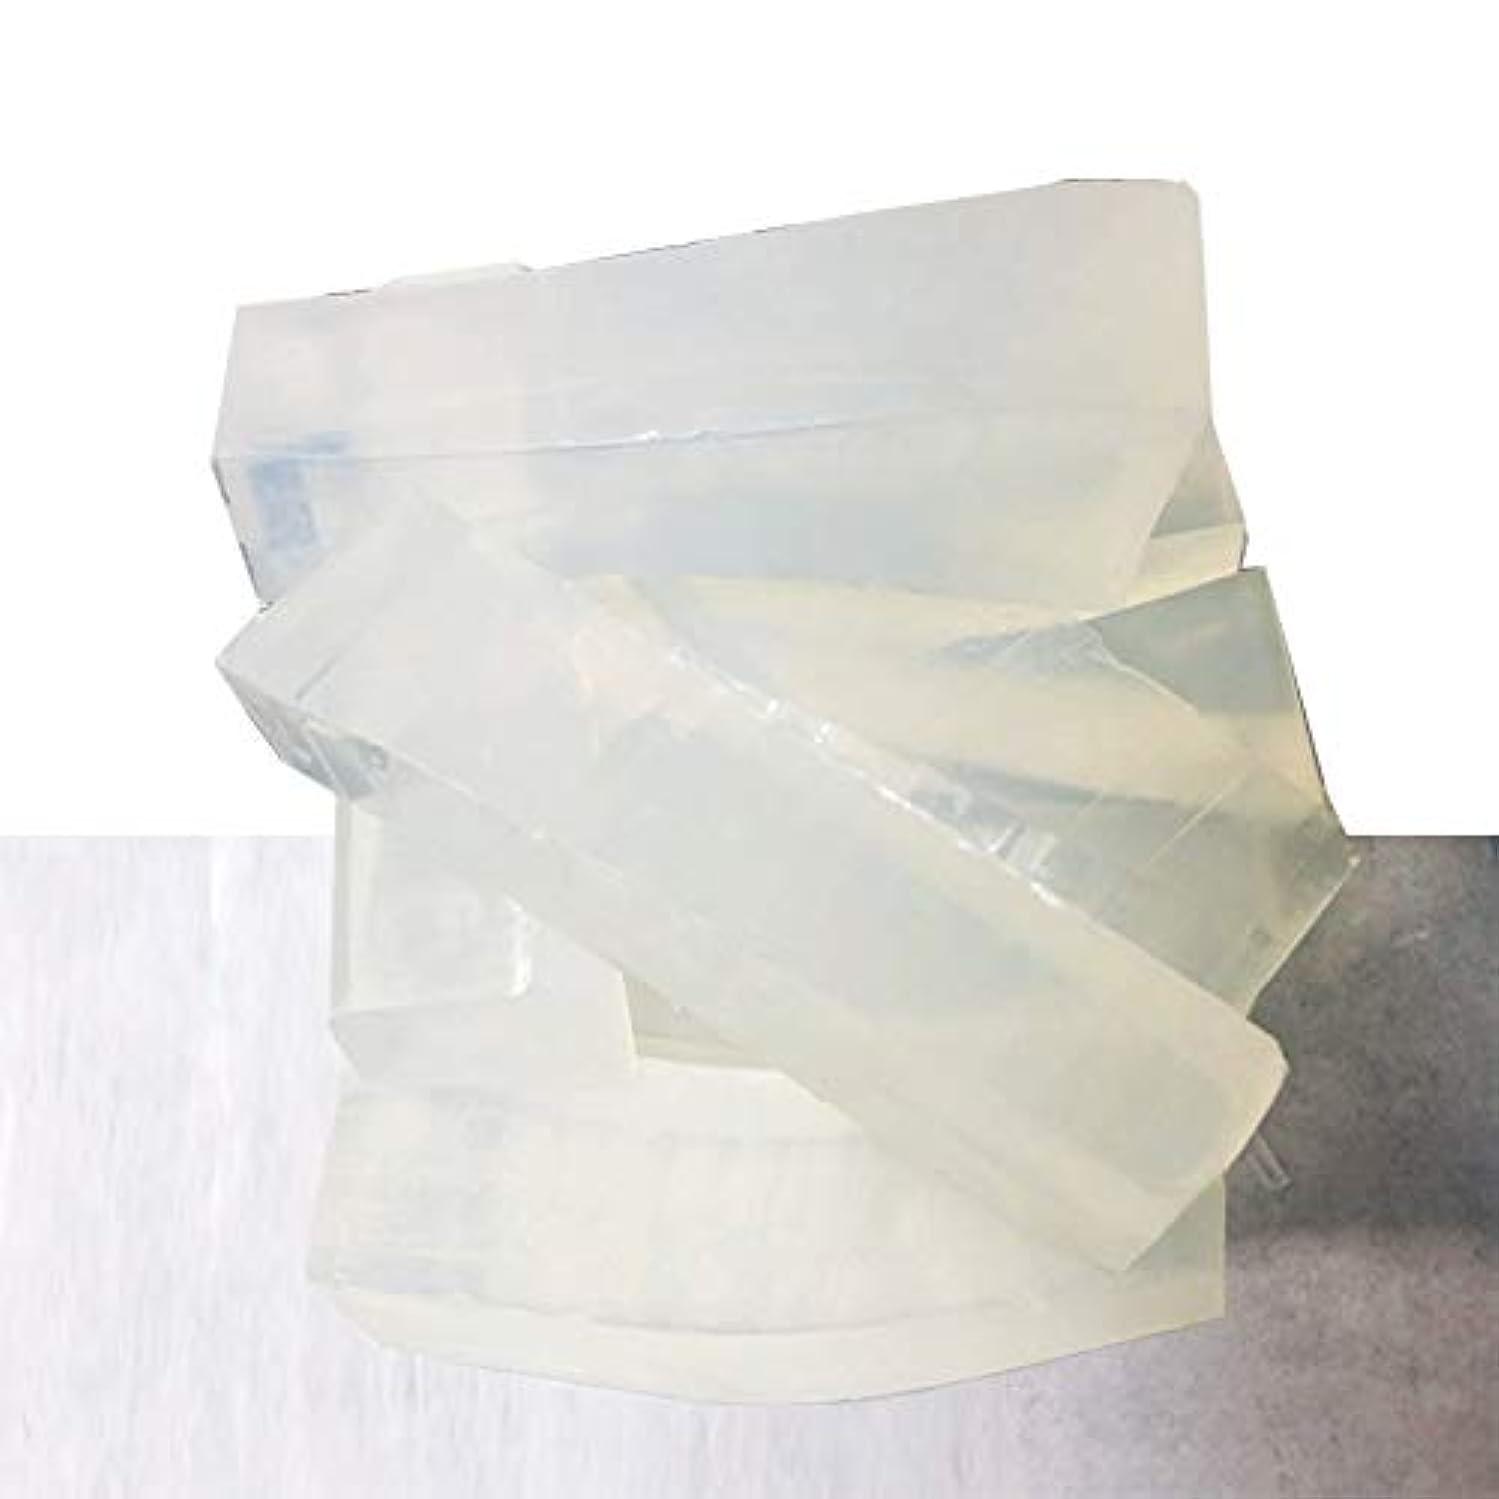 スカープ応じるブレスグリセリンソープ(MPソープ)2kg(2,000g)クリア